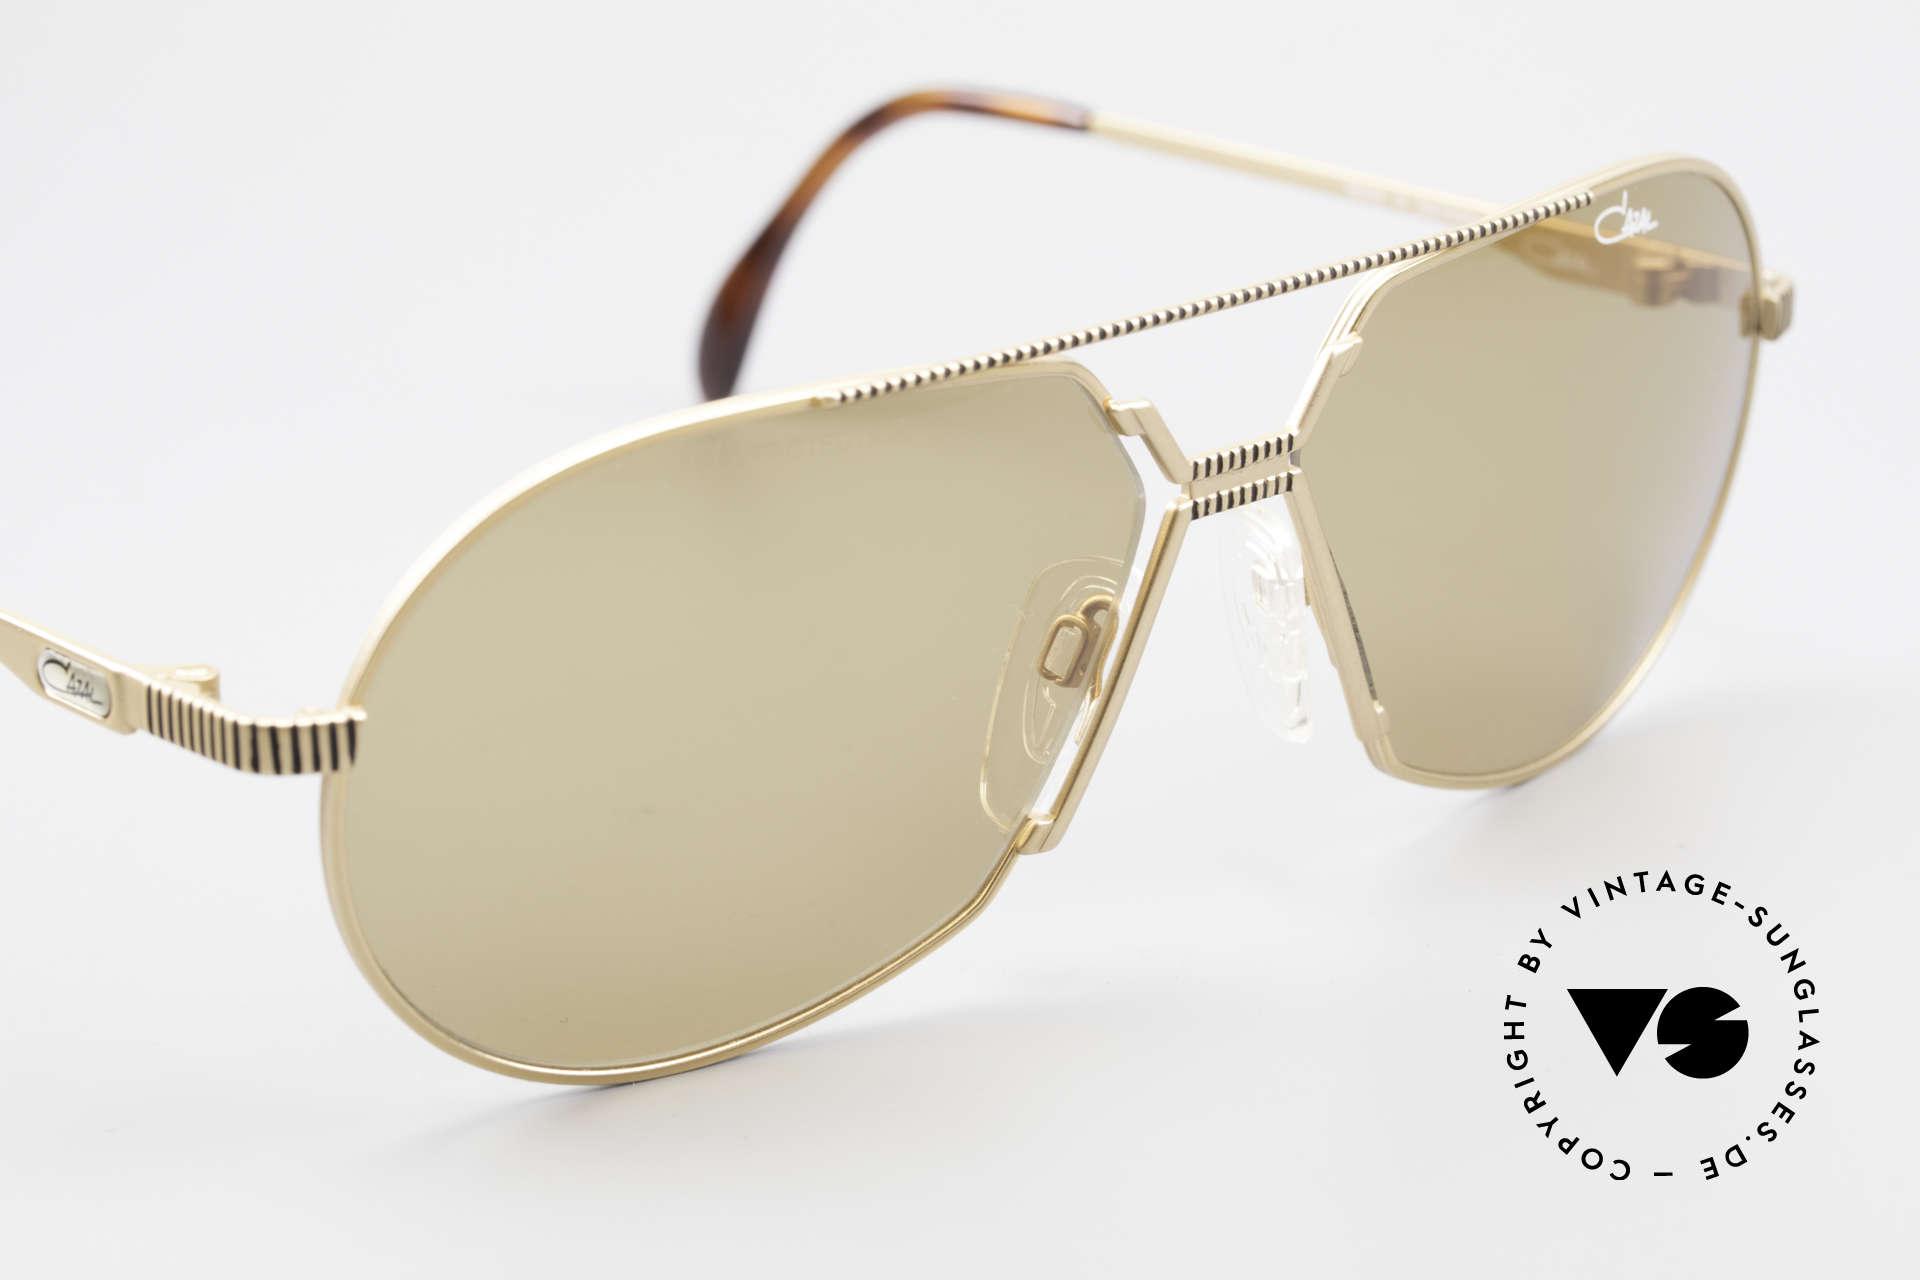 Cazal 968 Al Pacino Filmsonnenbrille, absolutes Sammlerstück (gehört eher ins Museum), Passend für Herren